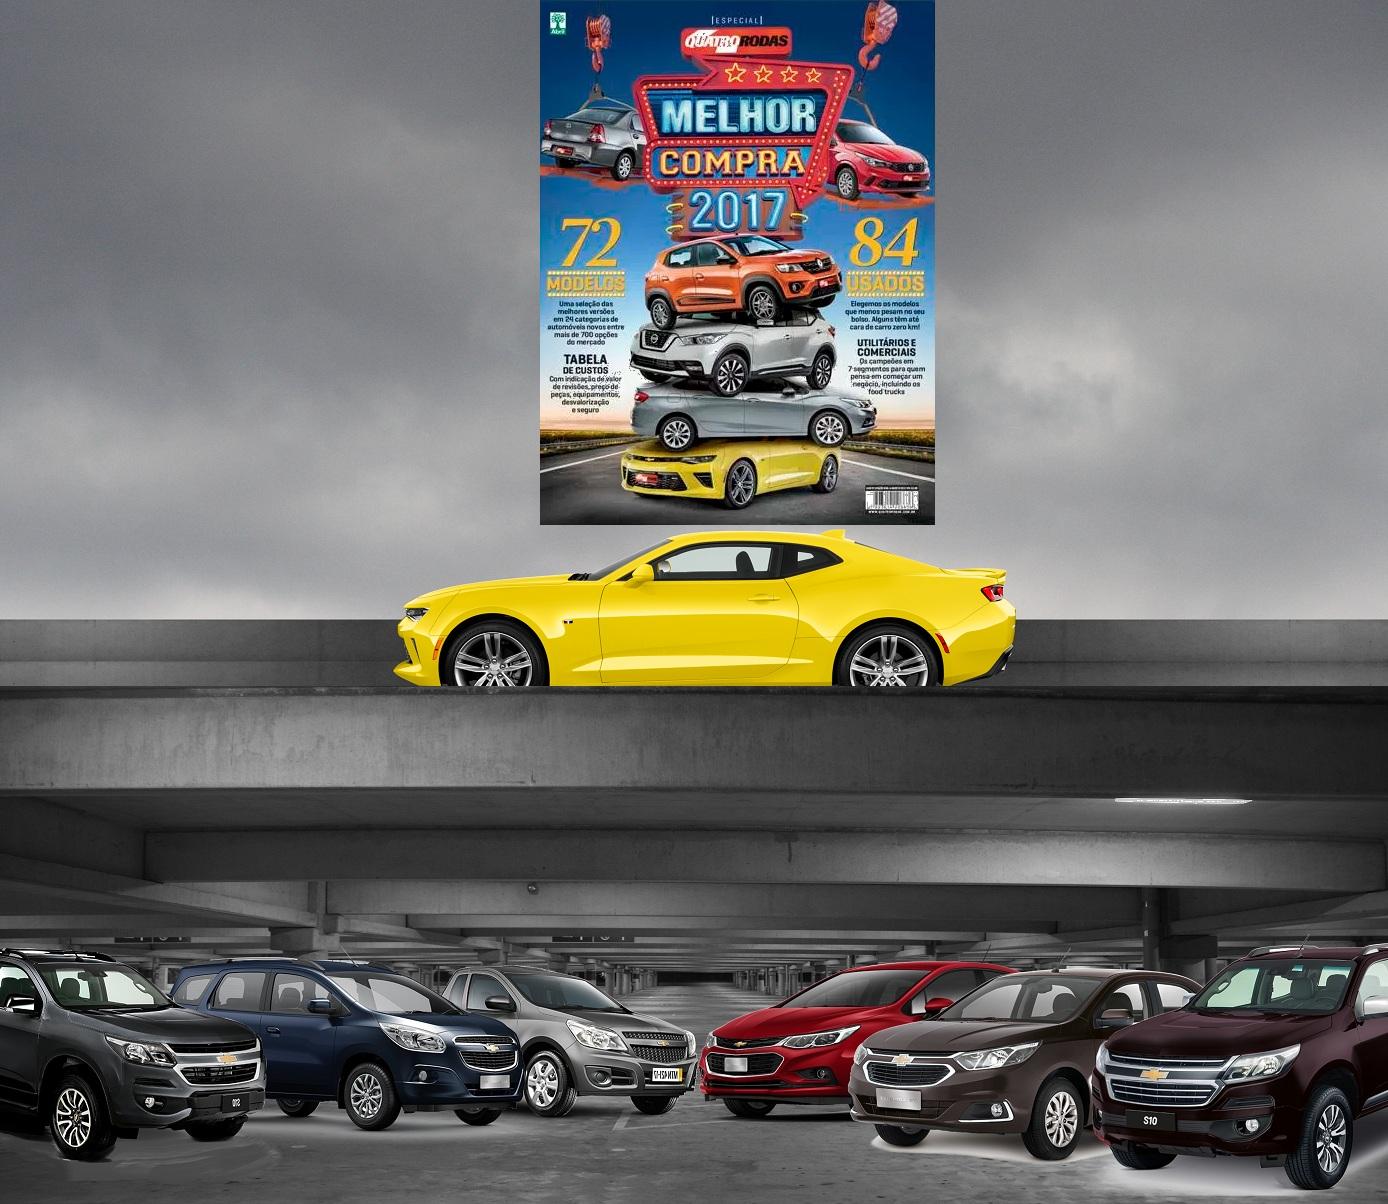 Chevrolet Cobalt, Spin, Montana, Cruze, S10 e Camaro são eleitos Melhores Compras de suas categorias